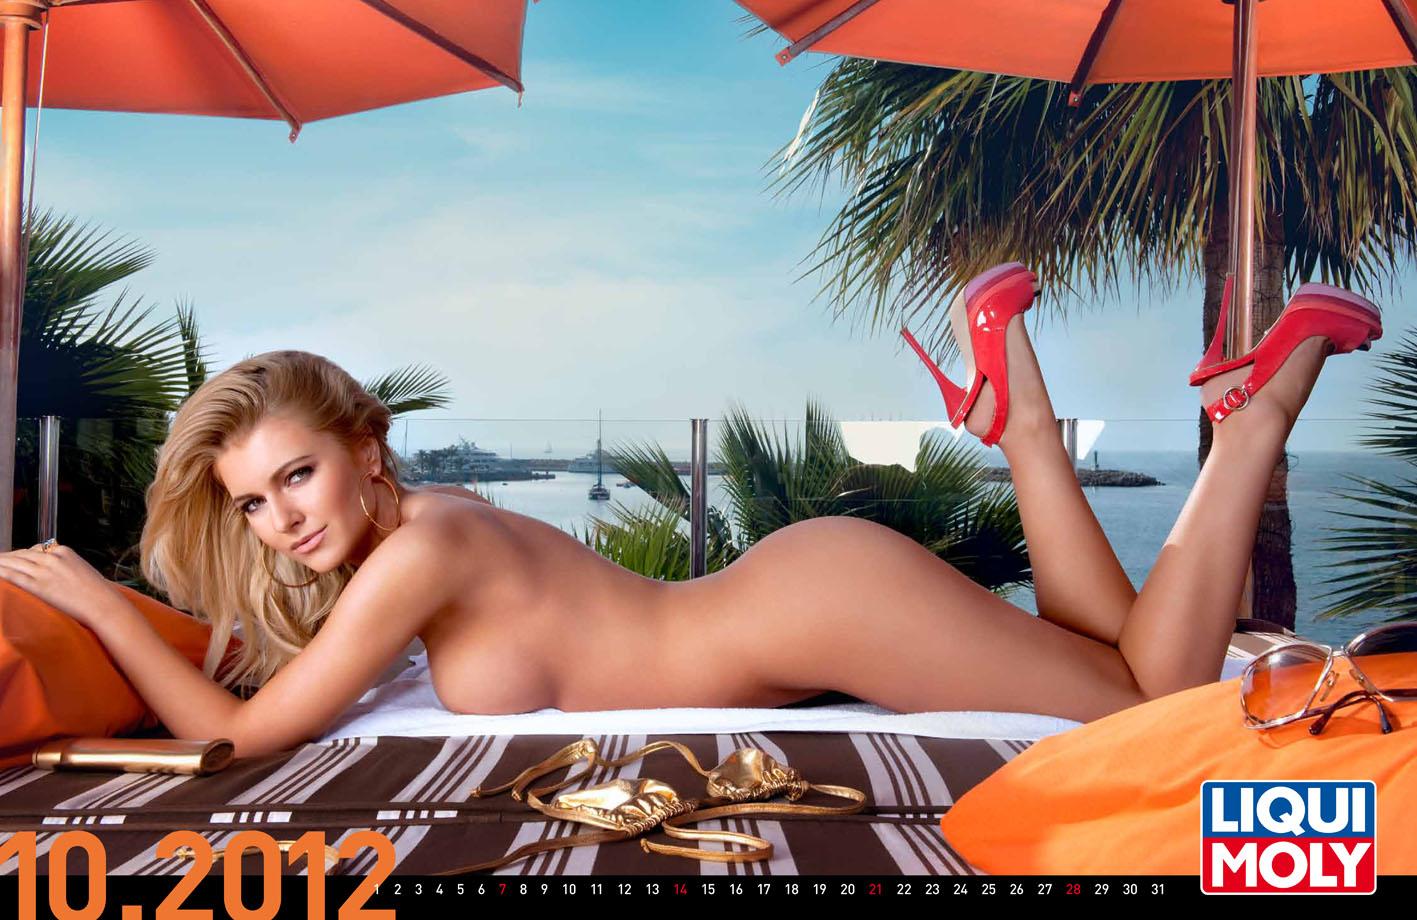 Эротические календари компаний, Эротический календарь страховой компании эрго 26 фотография